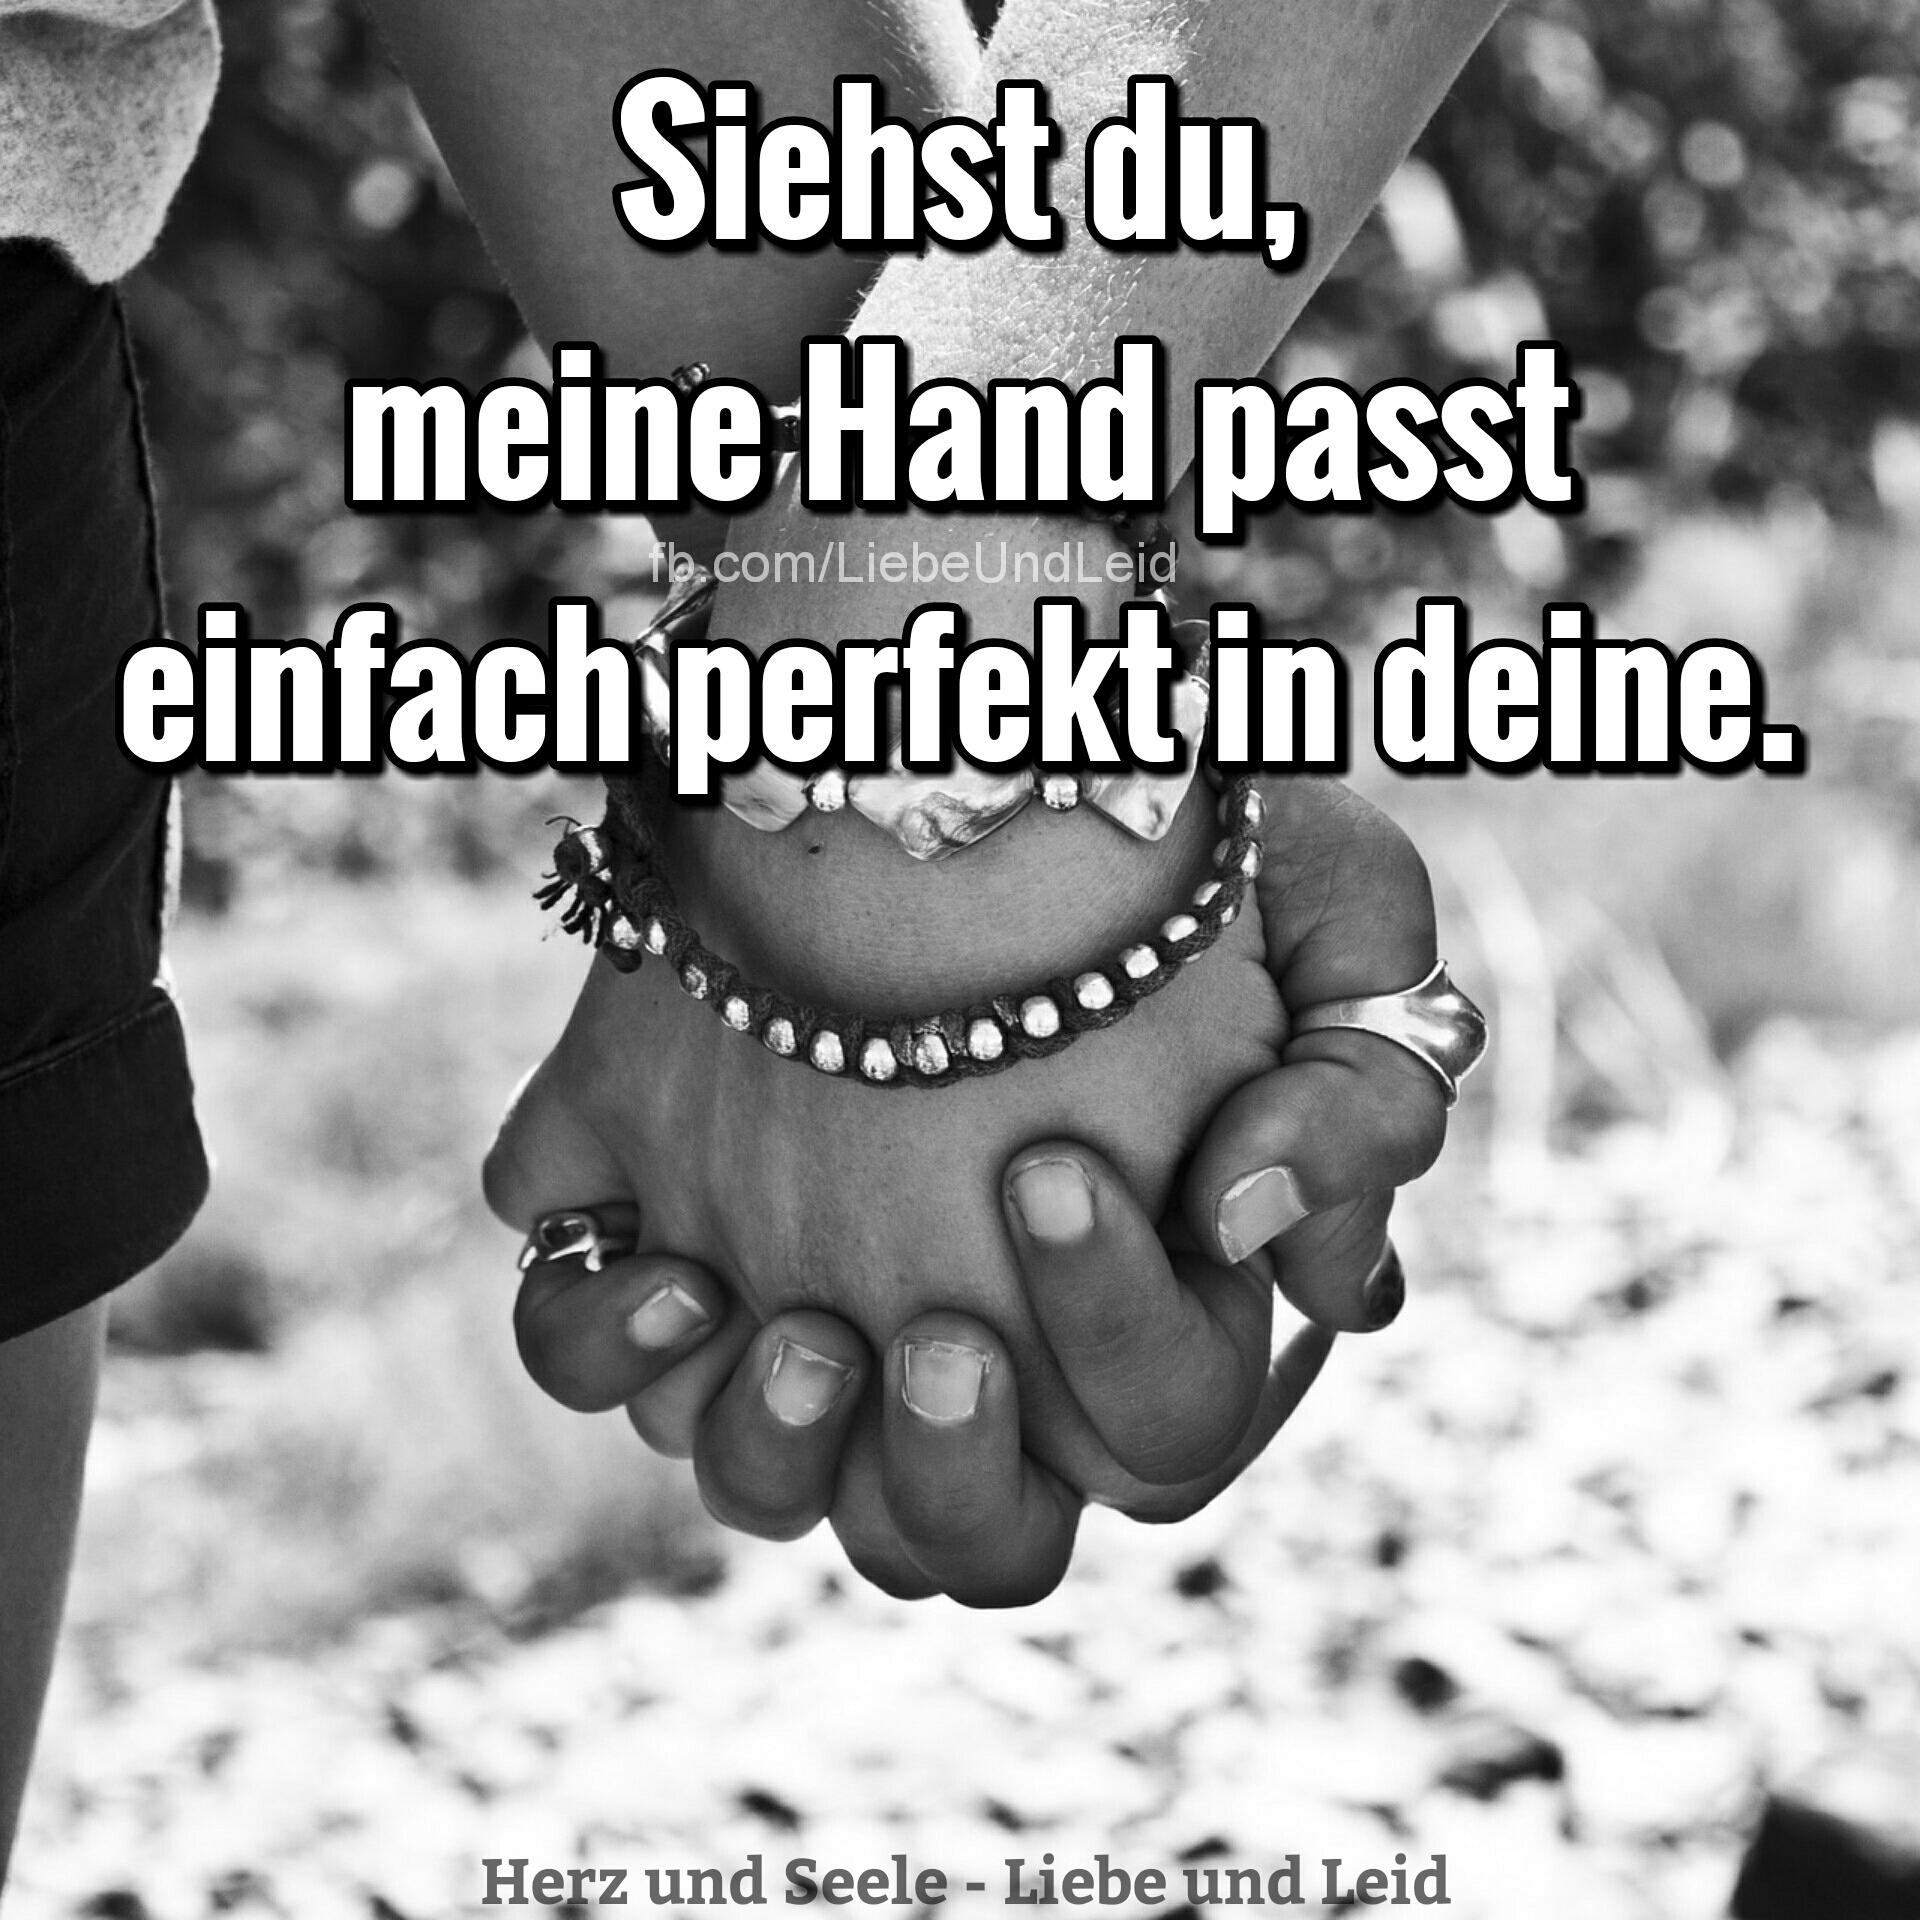 siehst.du.meine.hand.passt.perfekt.in.deine